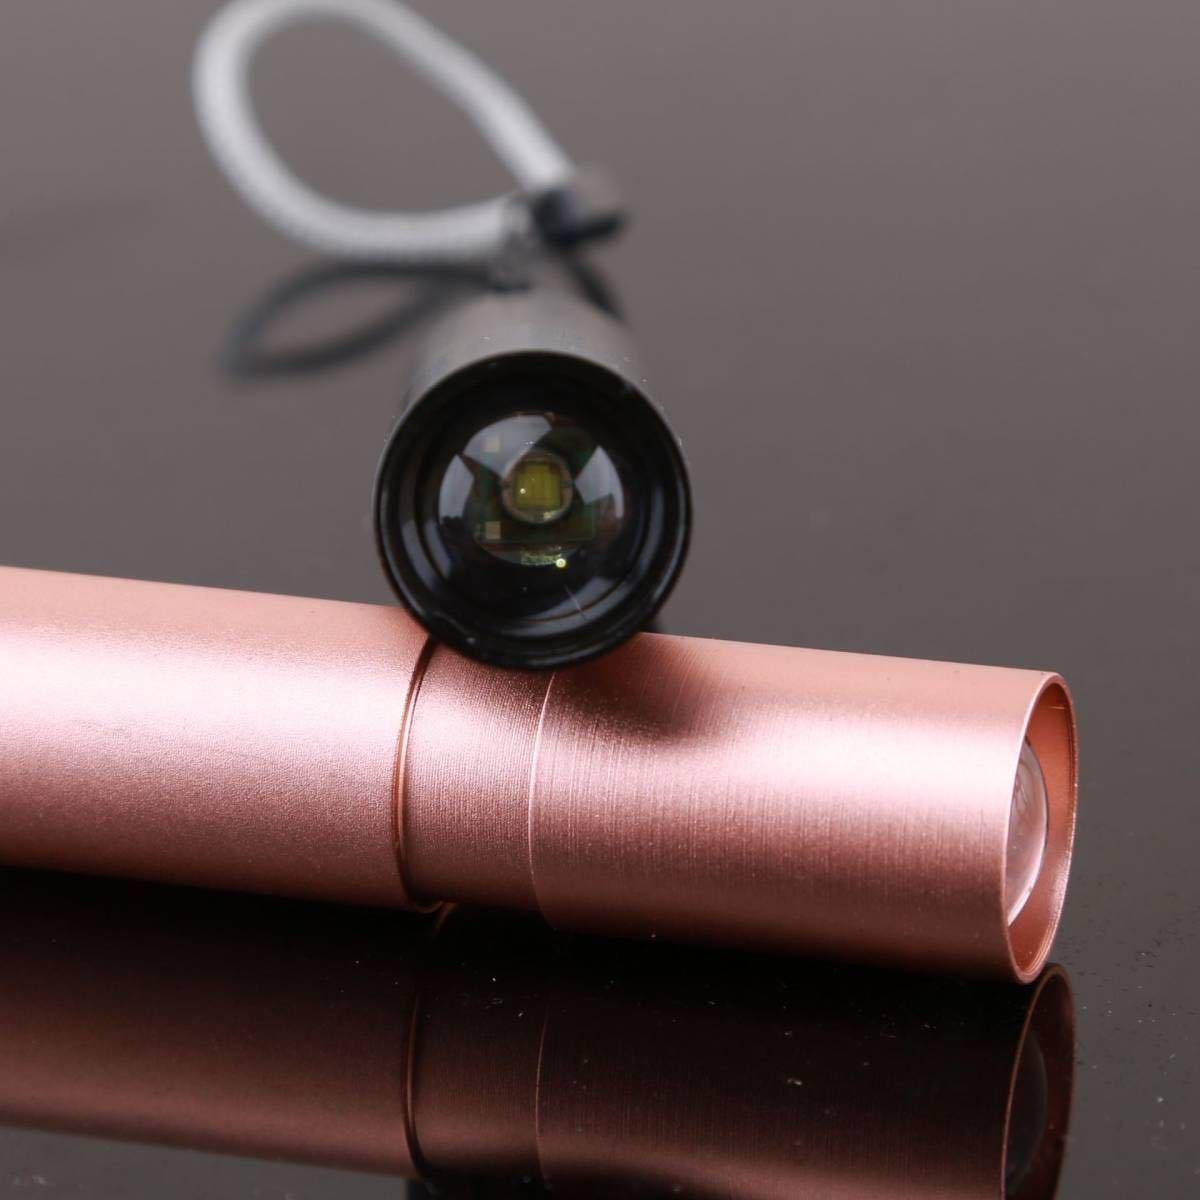 USB充電式 ポータブルライトミニ懐中電灯 led 強力小型ミニ ledライト フラッシュライト ハンディライト 軽量 IPX8防水 防災 ピンク